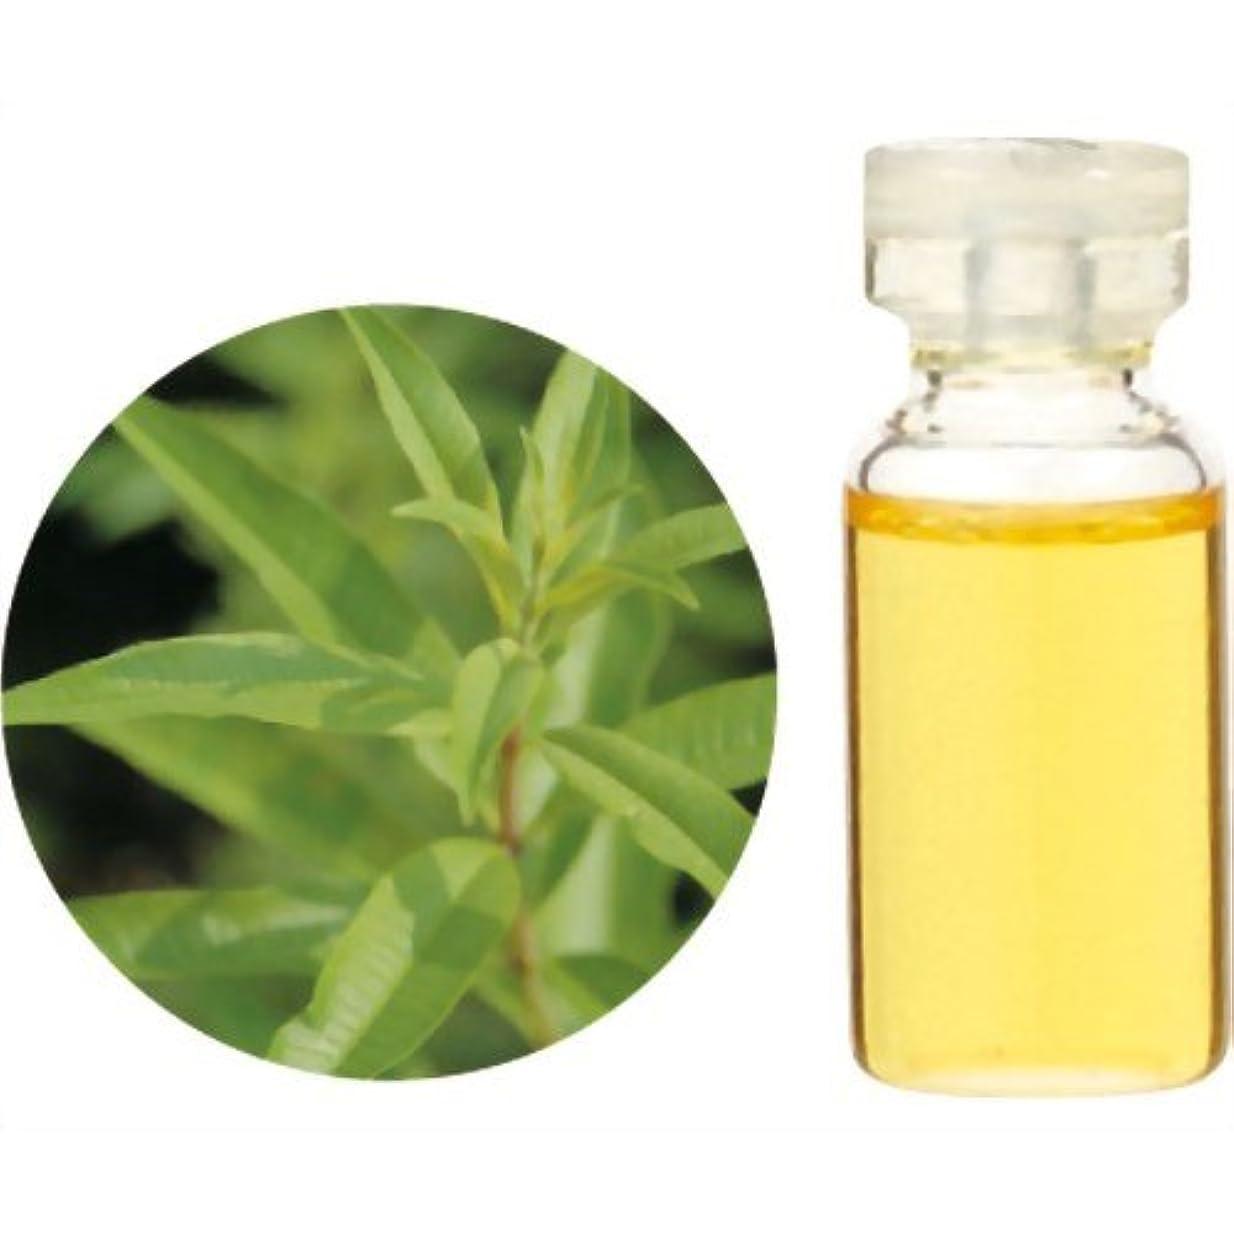 酸化物債務振るう生活の木 C レアバリュー レモン バーベナ エッセンシャルオイル 3ml